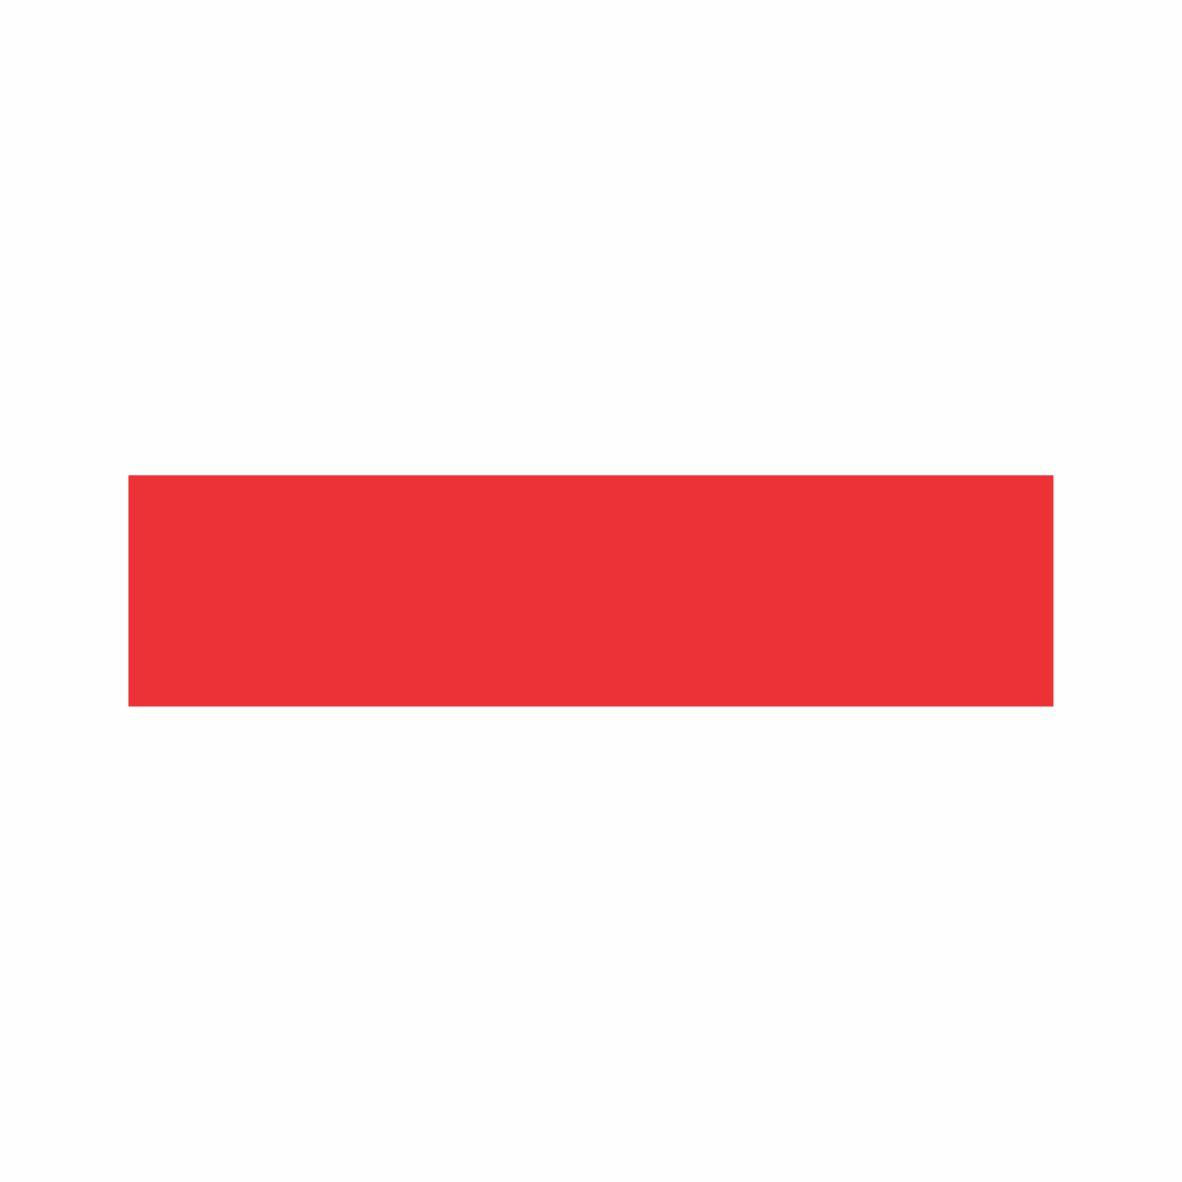 Vermelho  - Towbar Sinalização de Segurança